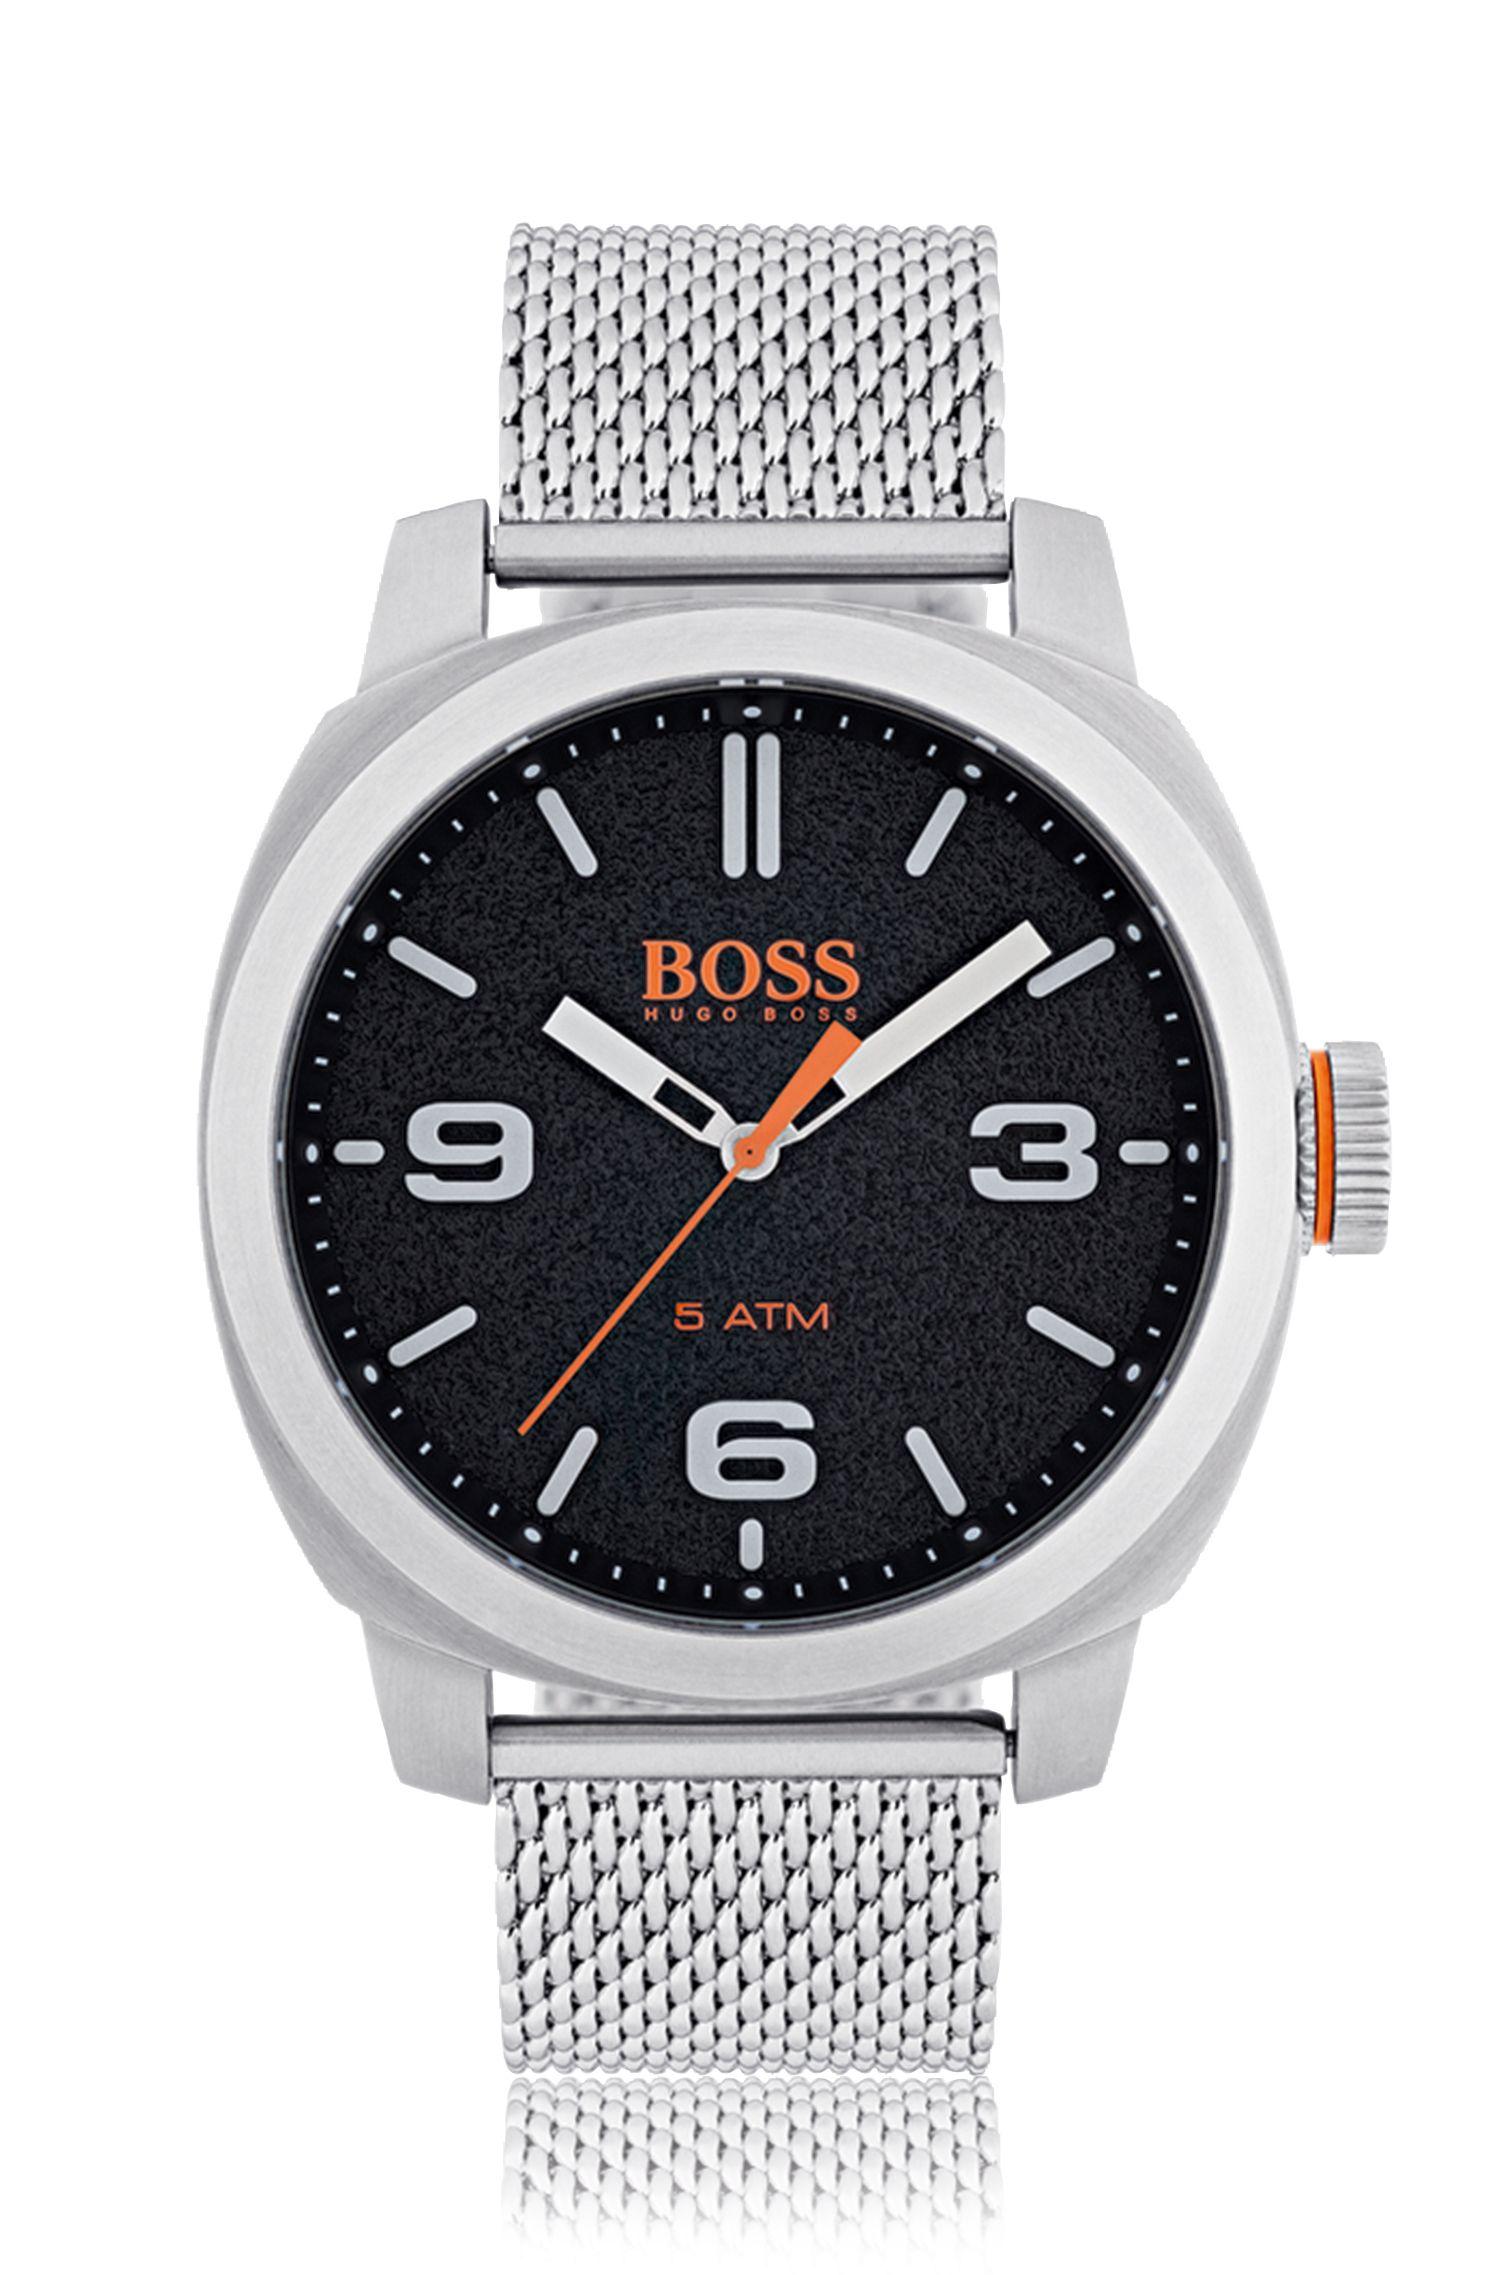 Reloj de acero inoxidable cepillado con esfera negra y pulsera de malla